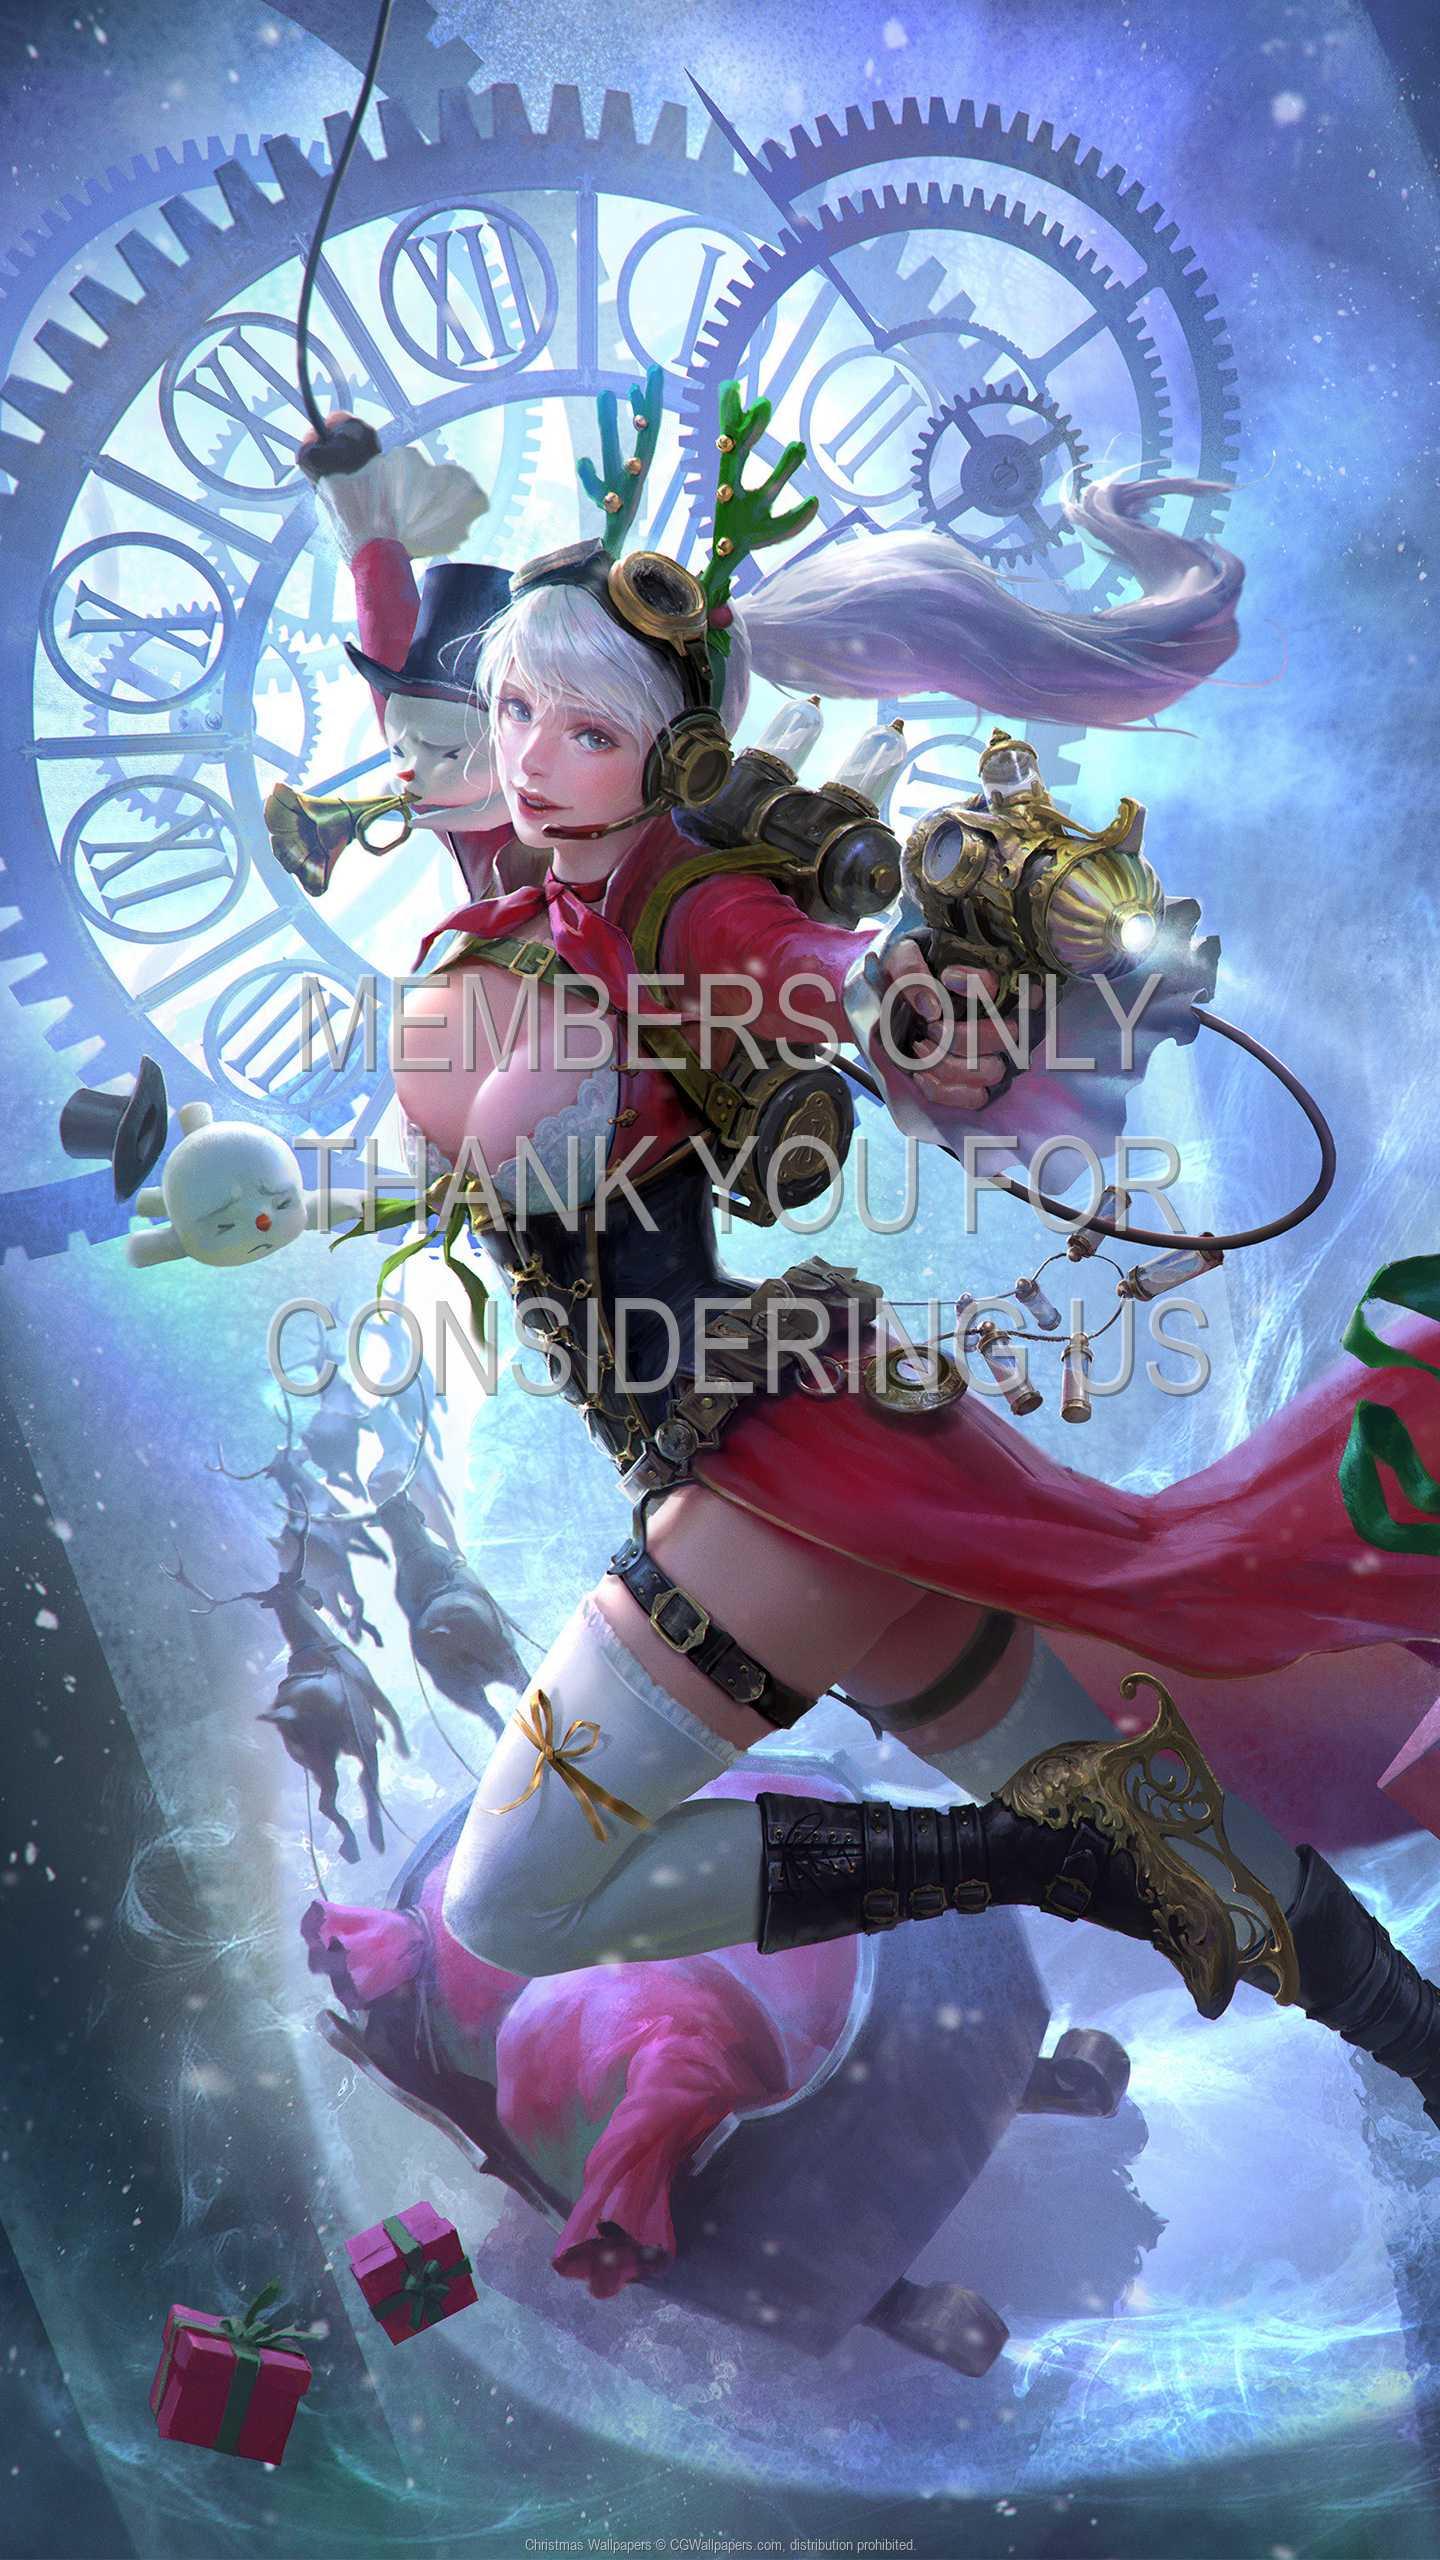 Christmas Wallpapers 1440p Vertical Mobile fond d'écran 02